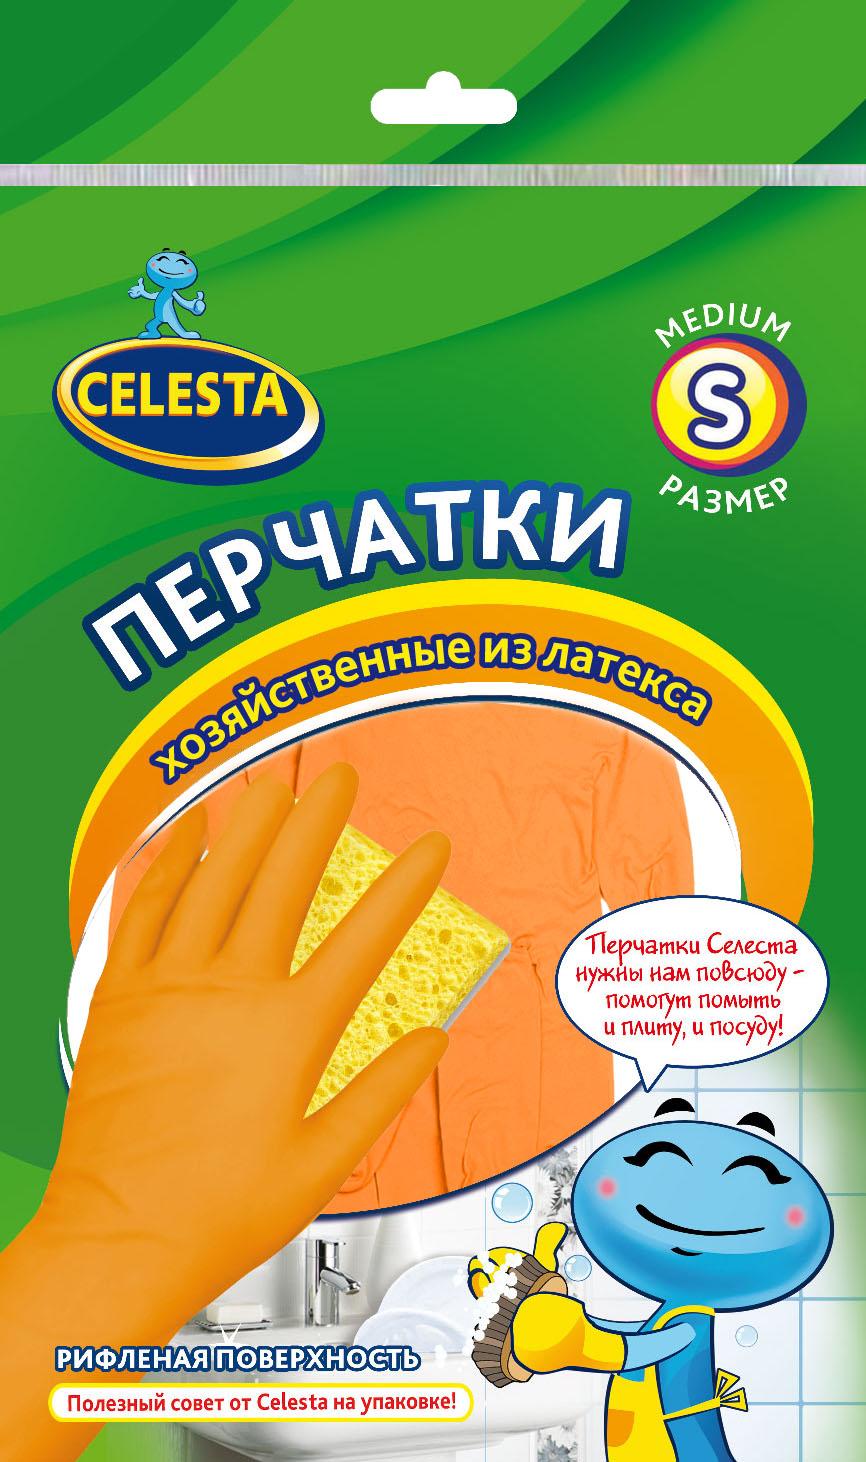 �������� ������������� �elesta, ����: ���������, ������ S - Celesta - Celesta4191������������� �������� Celesta ����������� �� ������������������� ������� � �������� ������������, ������� ��������� ���������� ������ ��������. �������� �������� ��� ��������� ����� �������� �����. �������� �������, ���������, ������ �������� ����.